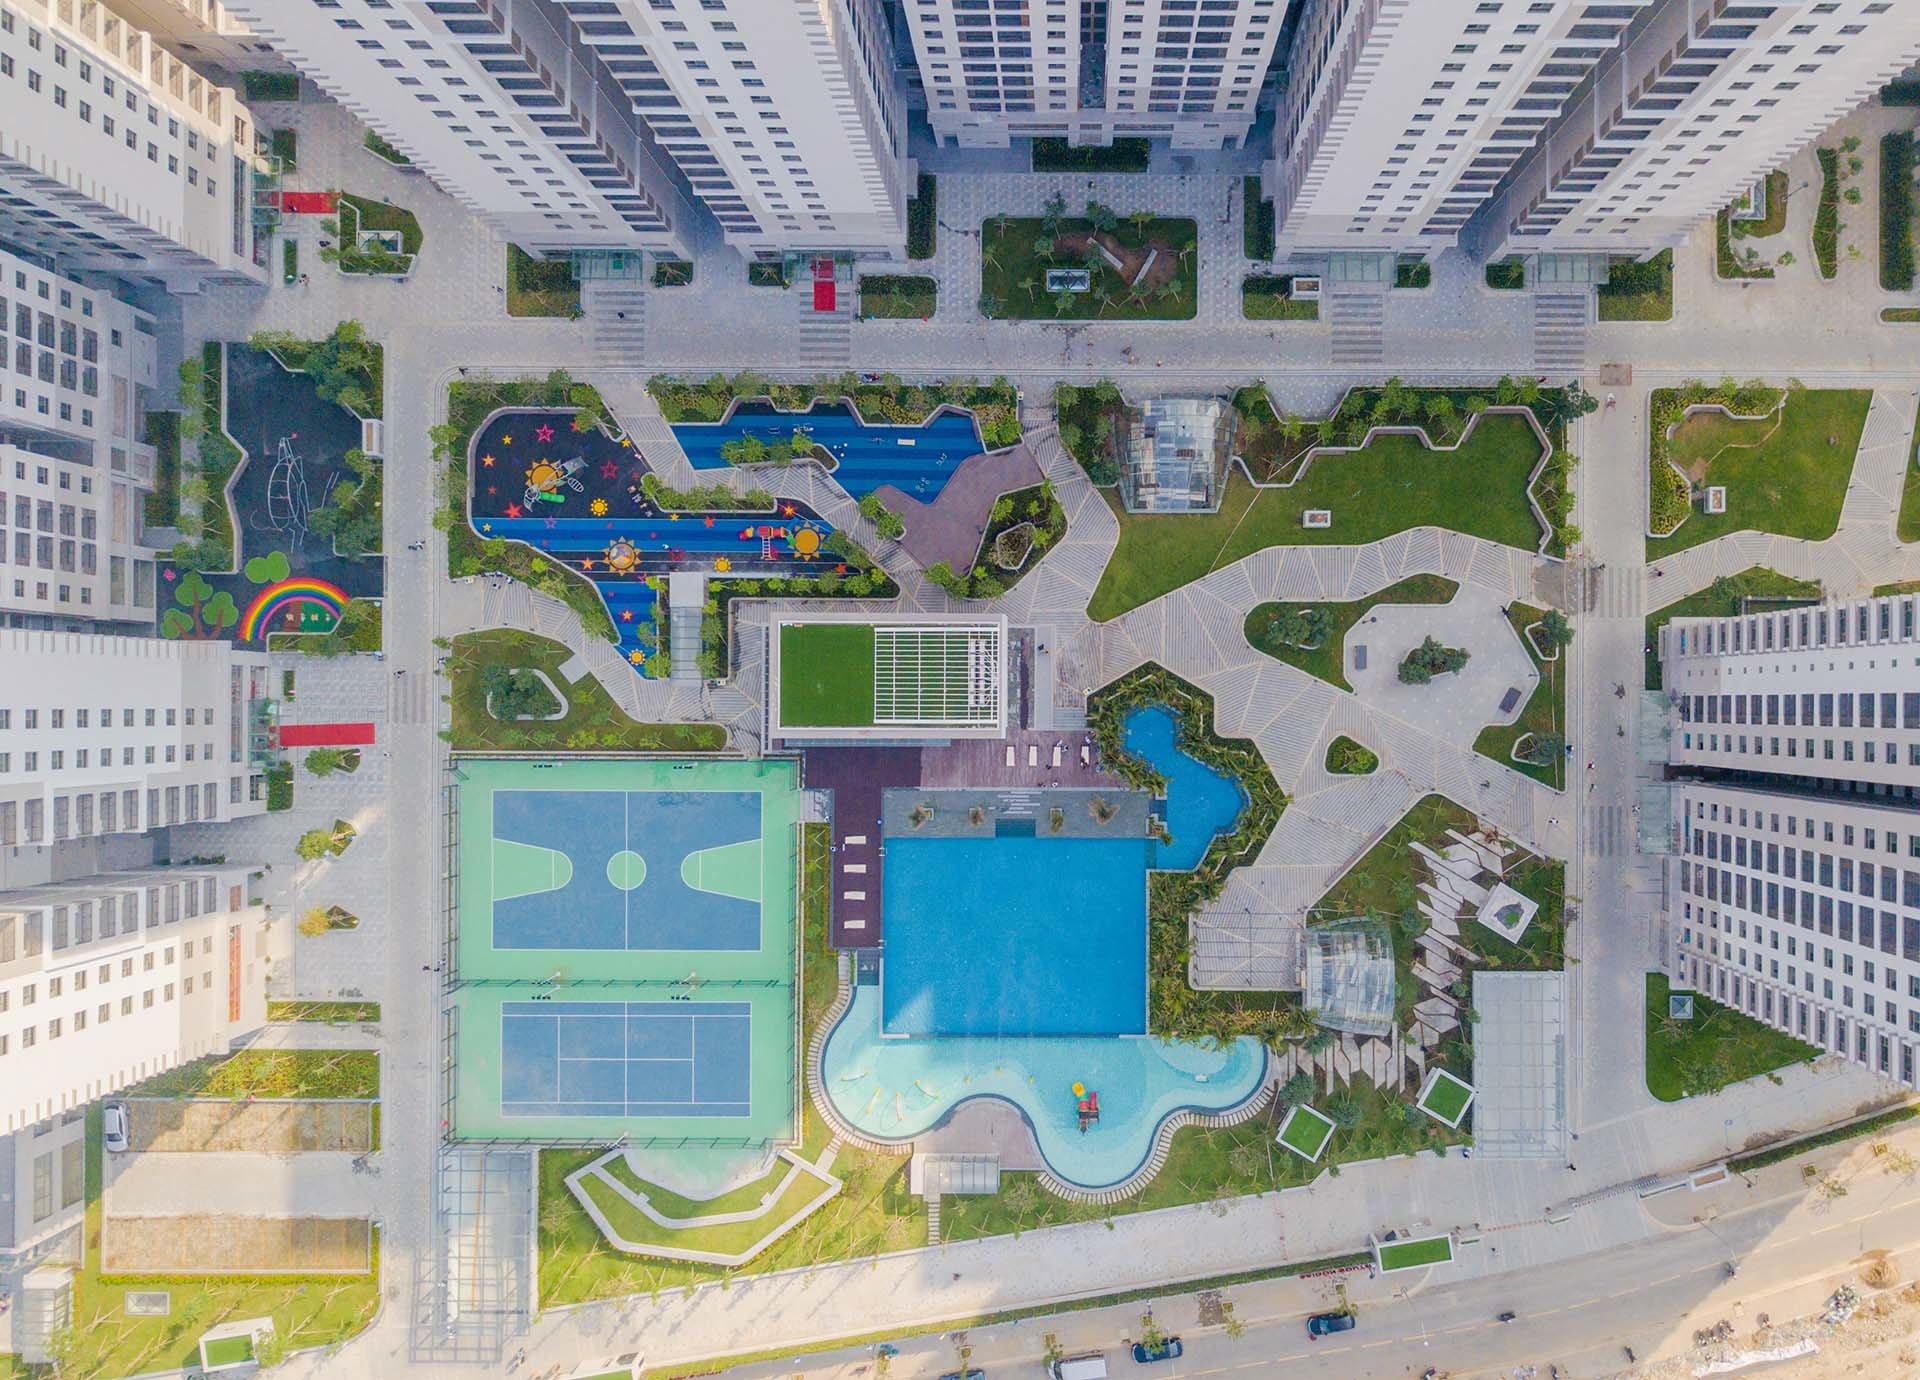 Tiện ích Saigon South Residences nhìn từ trên cao